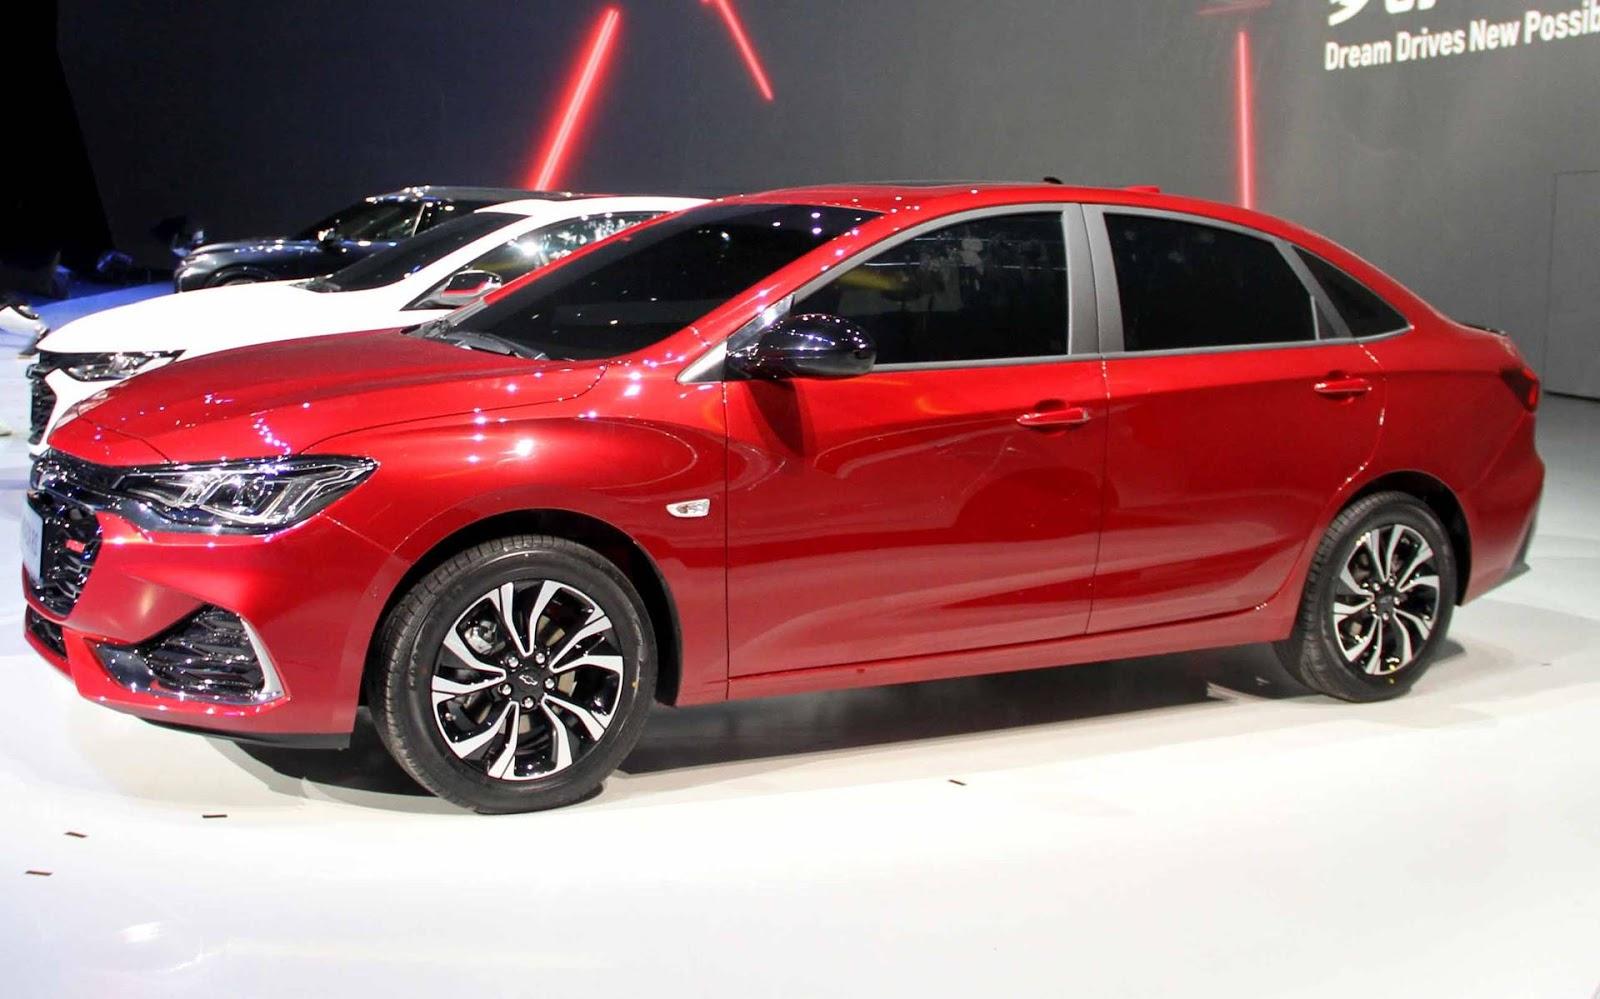 Chevrolet Monza Chega Para Enfrentar Jetta E Corolla China Car